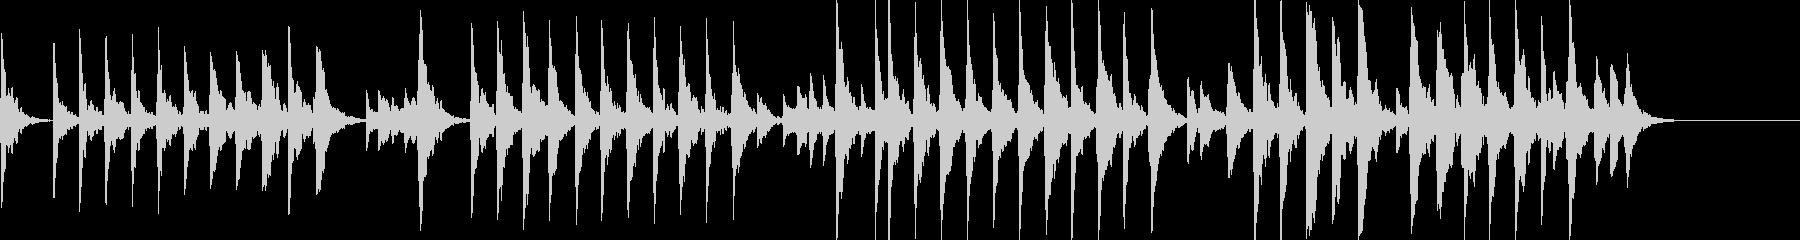 童謡「夕焼け小焼け」オルゴールbpm66の未再生の波形